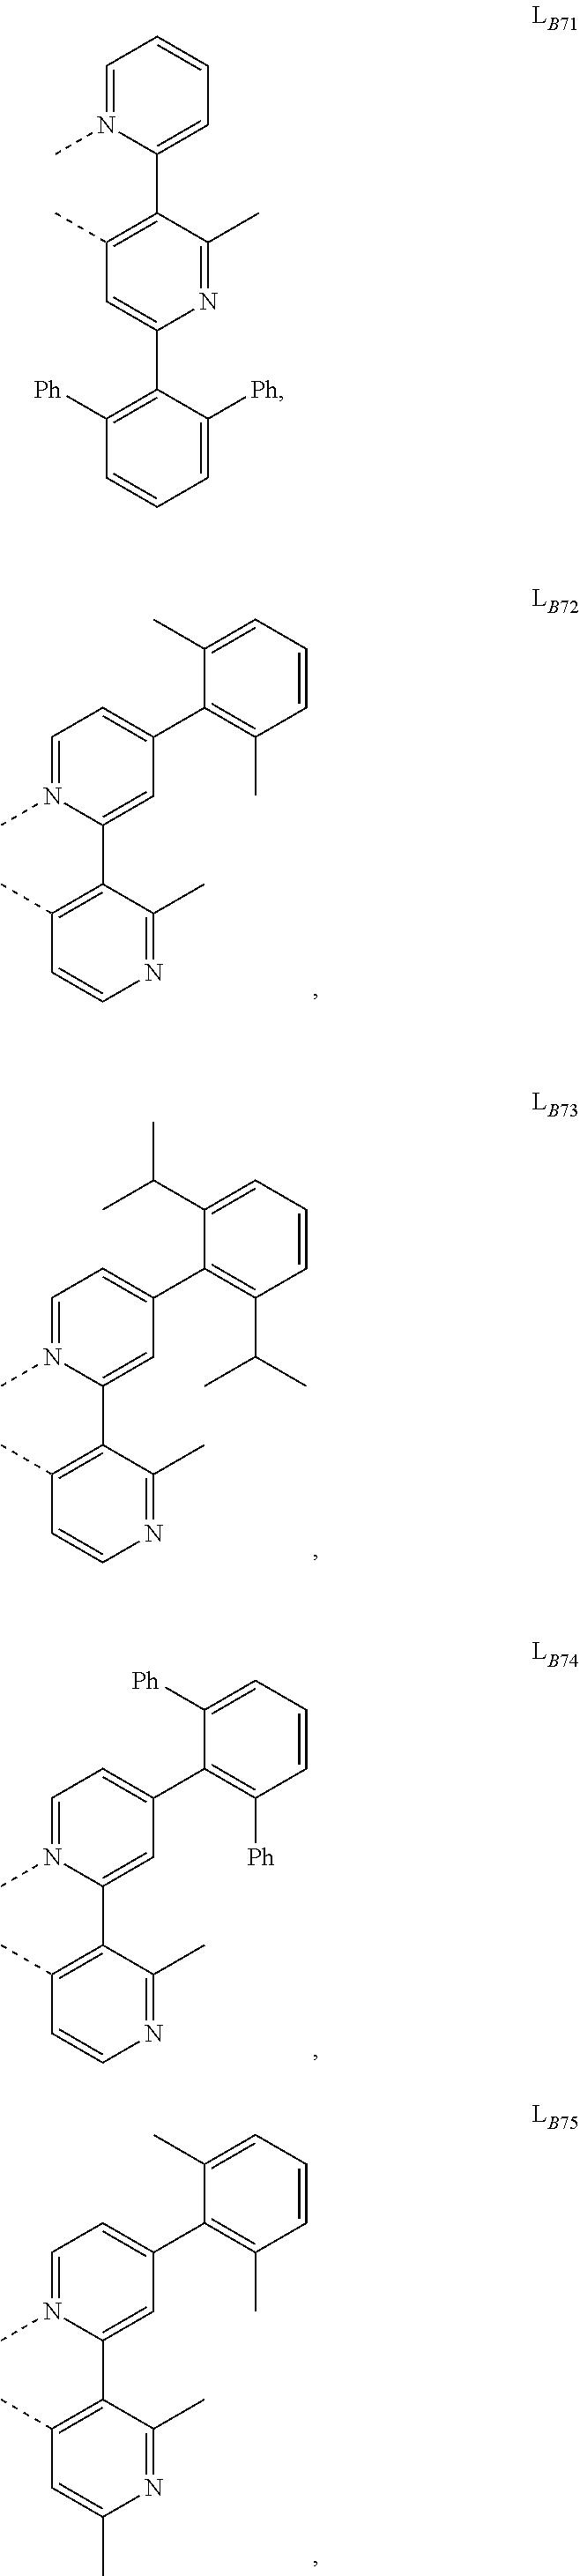 Figure US09905785-20180227-C00573